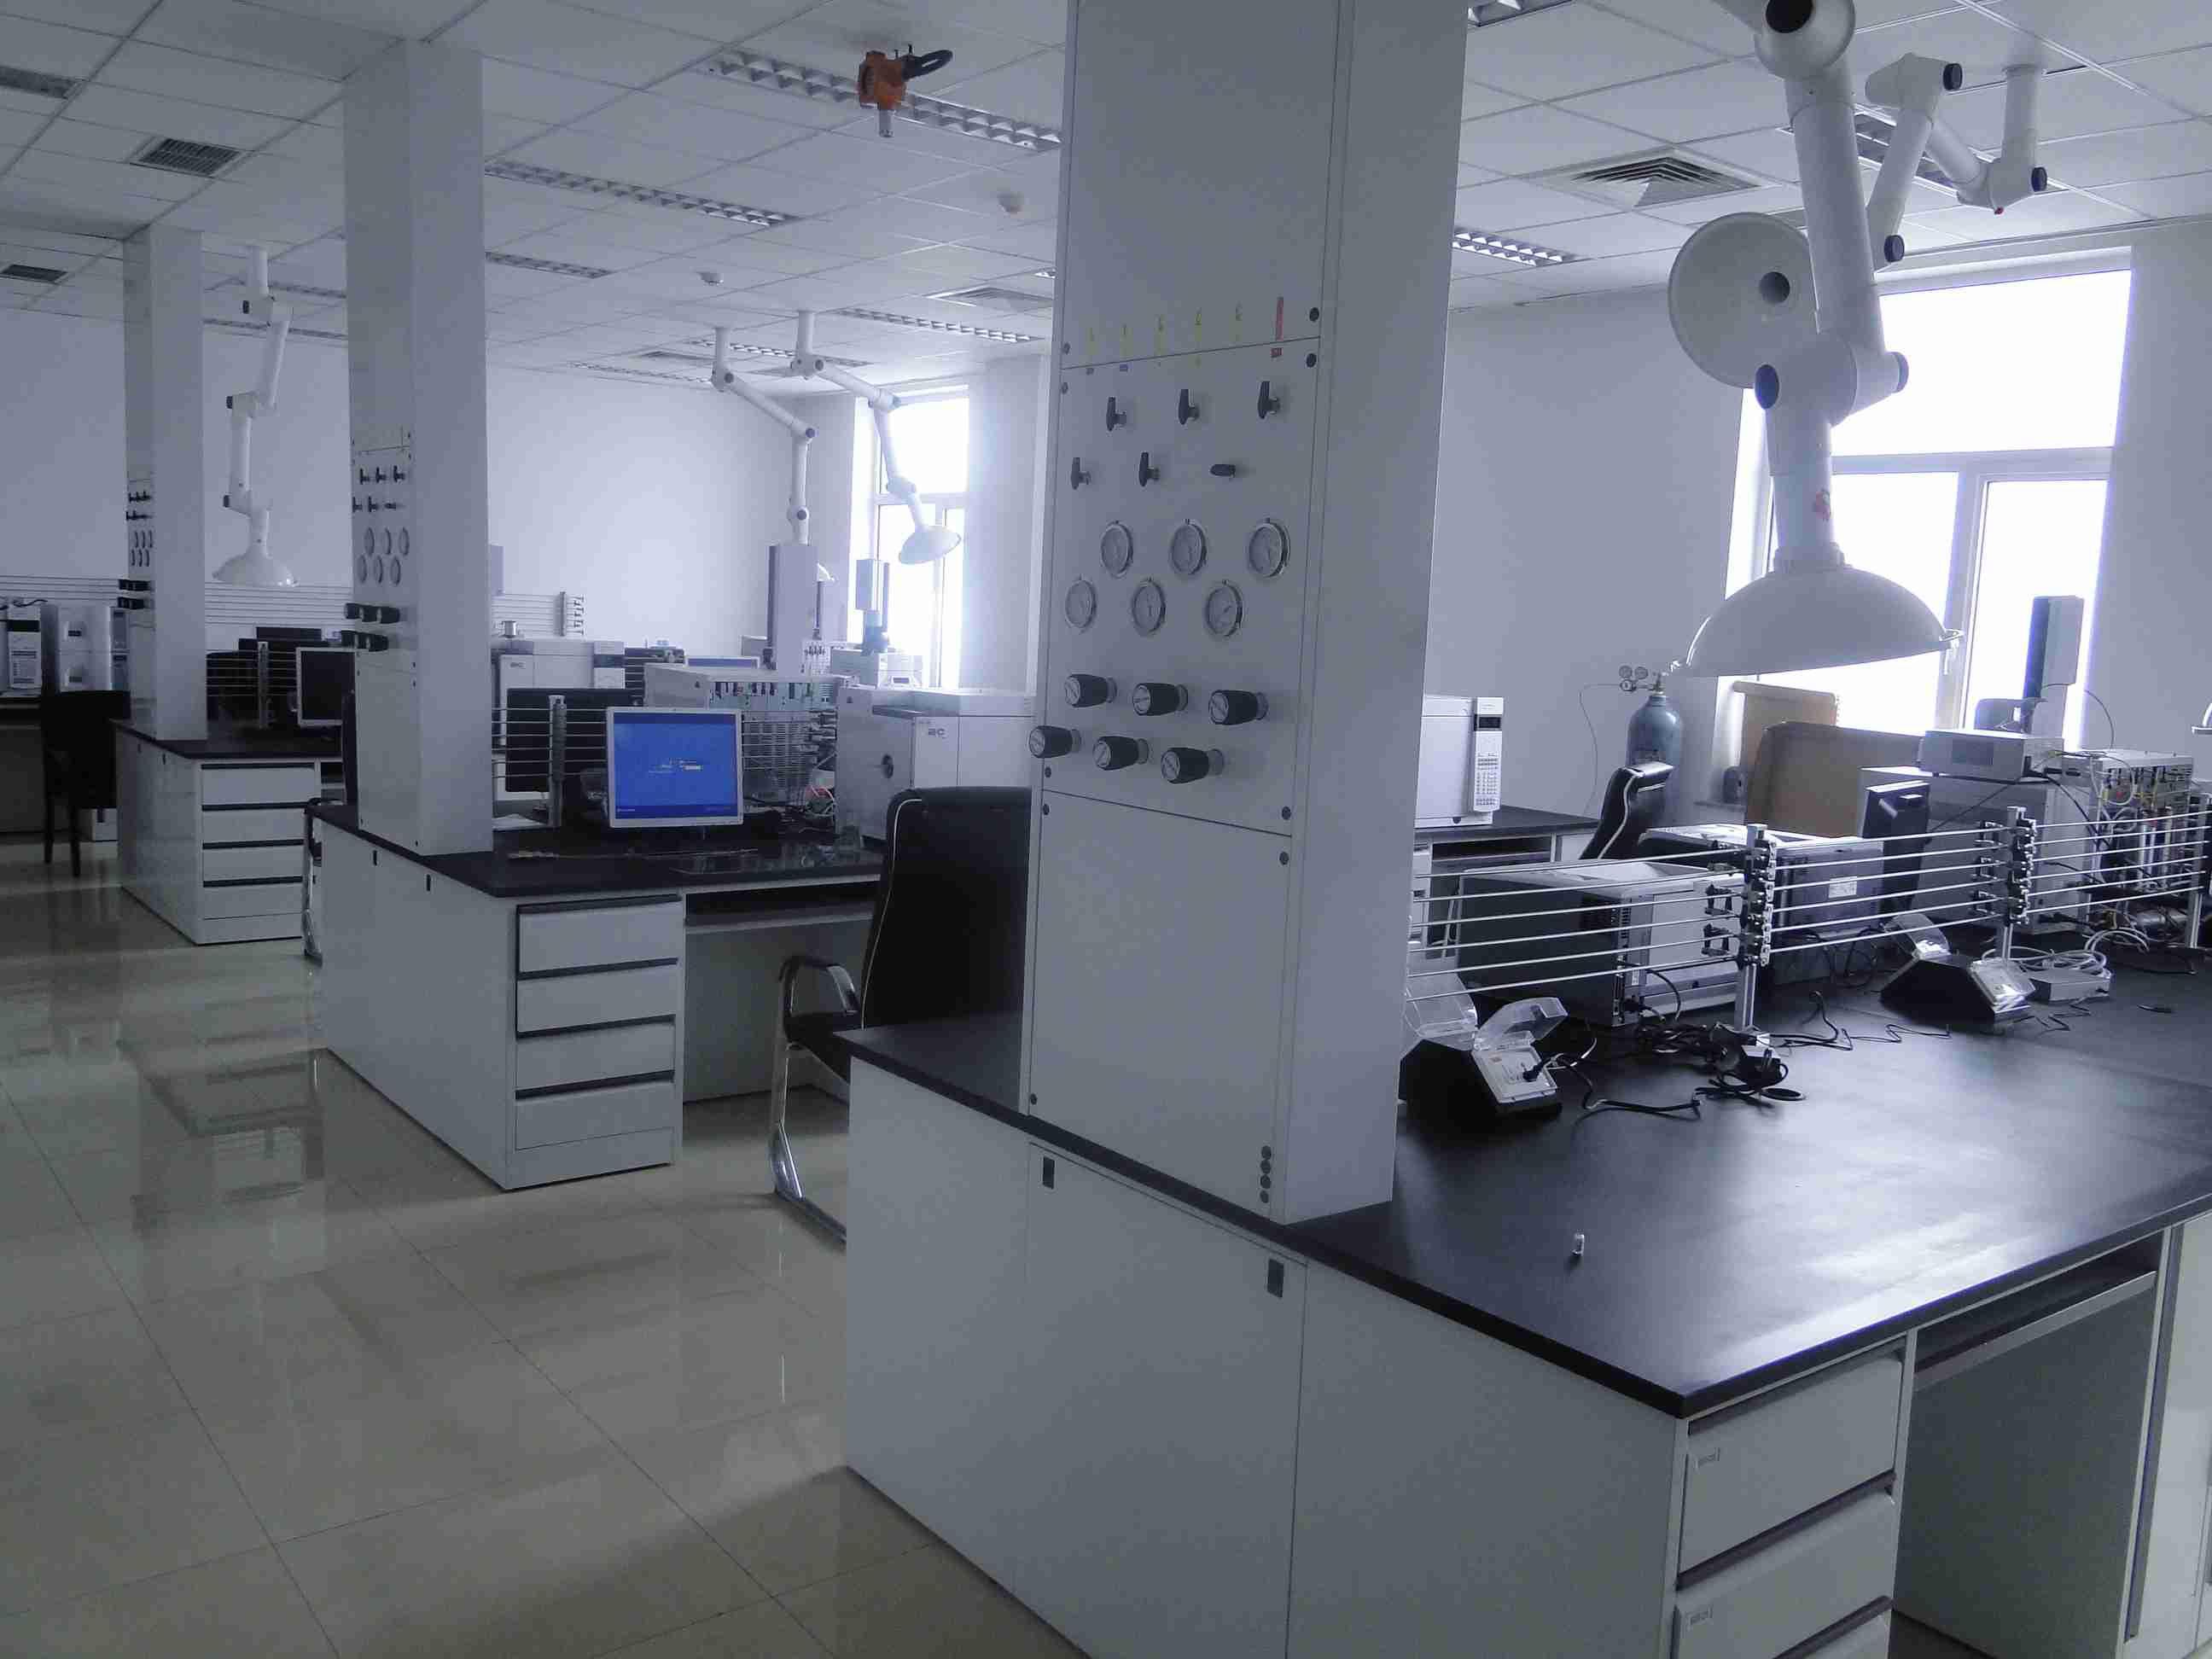 实验室气路系统技术方案_工厂实验室类气体工程-杭州